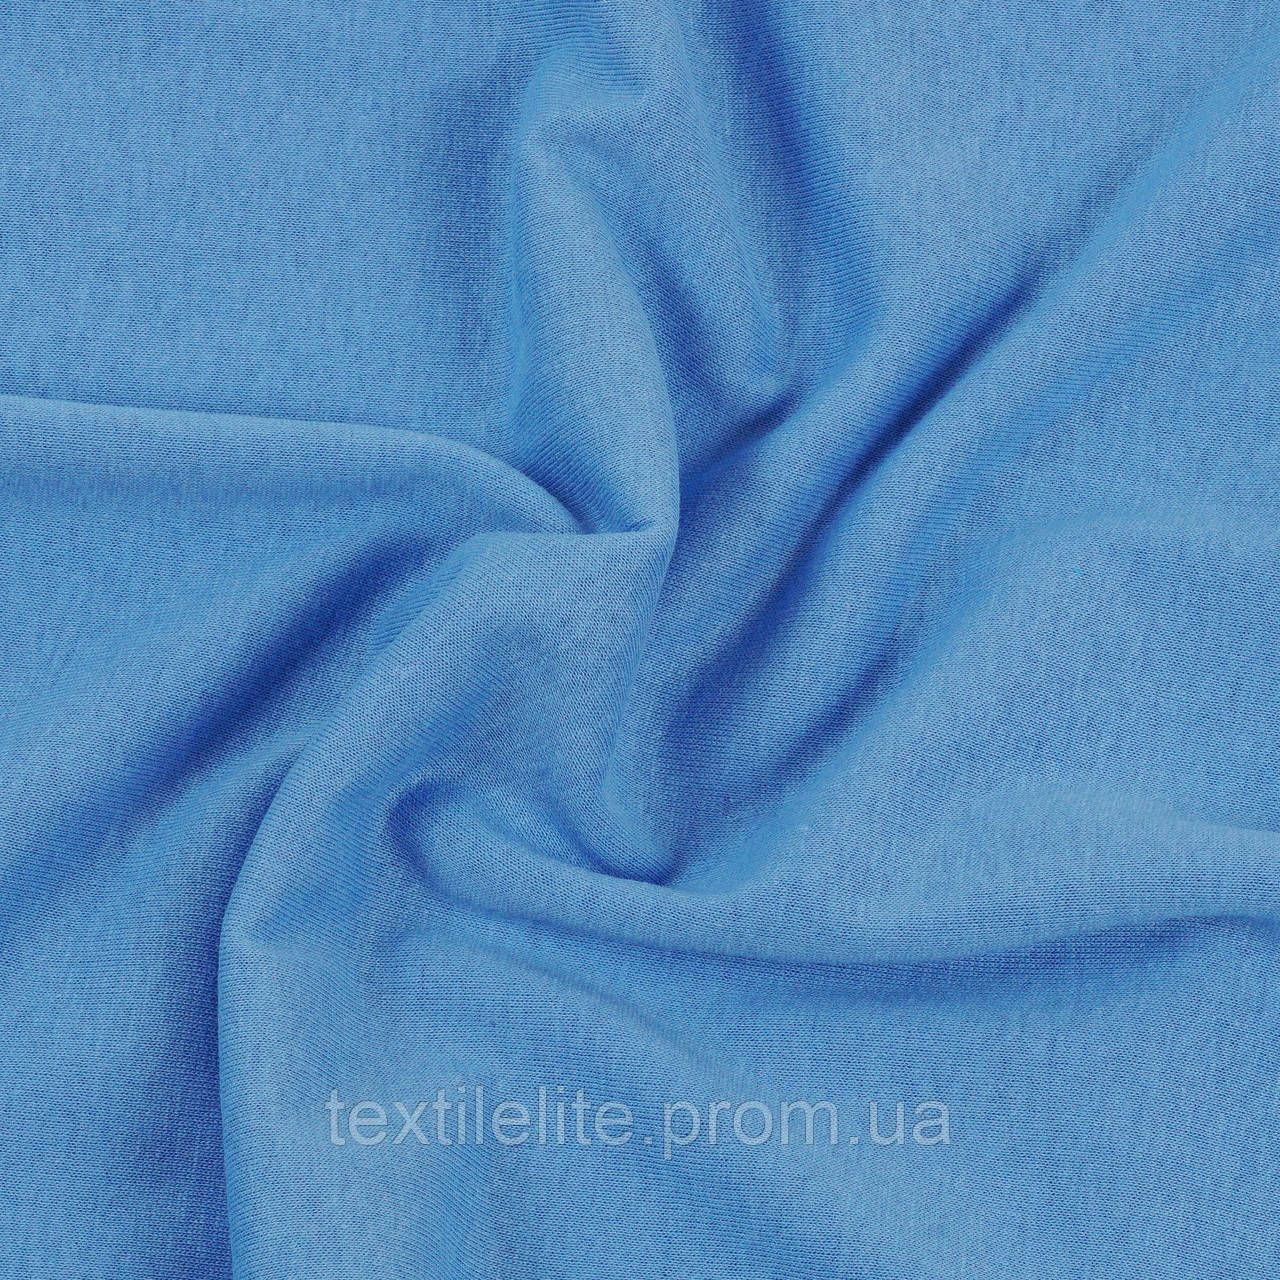 Кулирная гладь оптом, цвет голубой васильковый, 100% хлопок, Турция